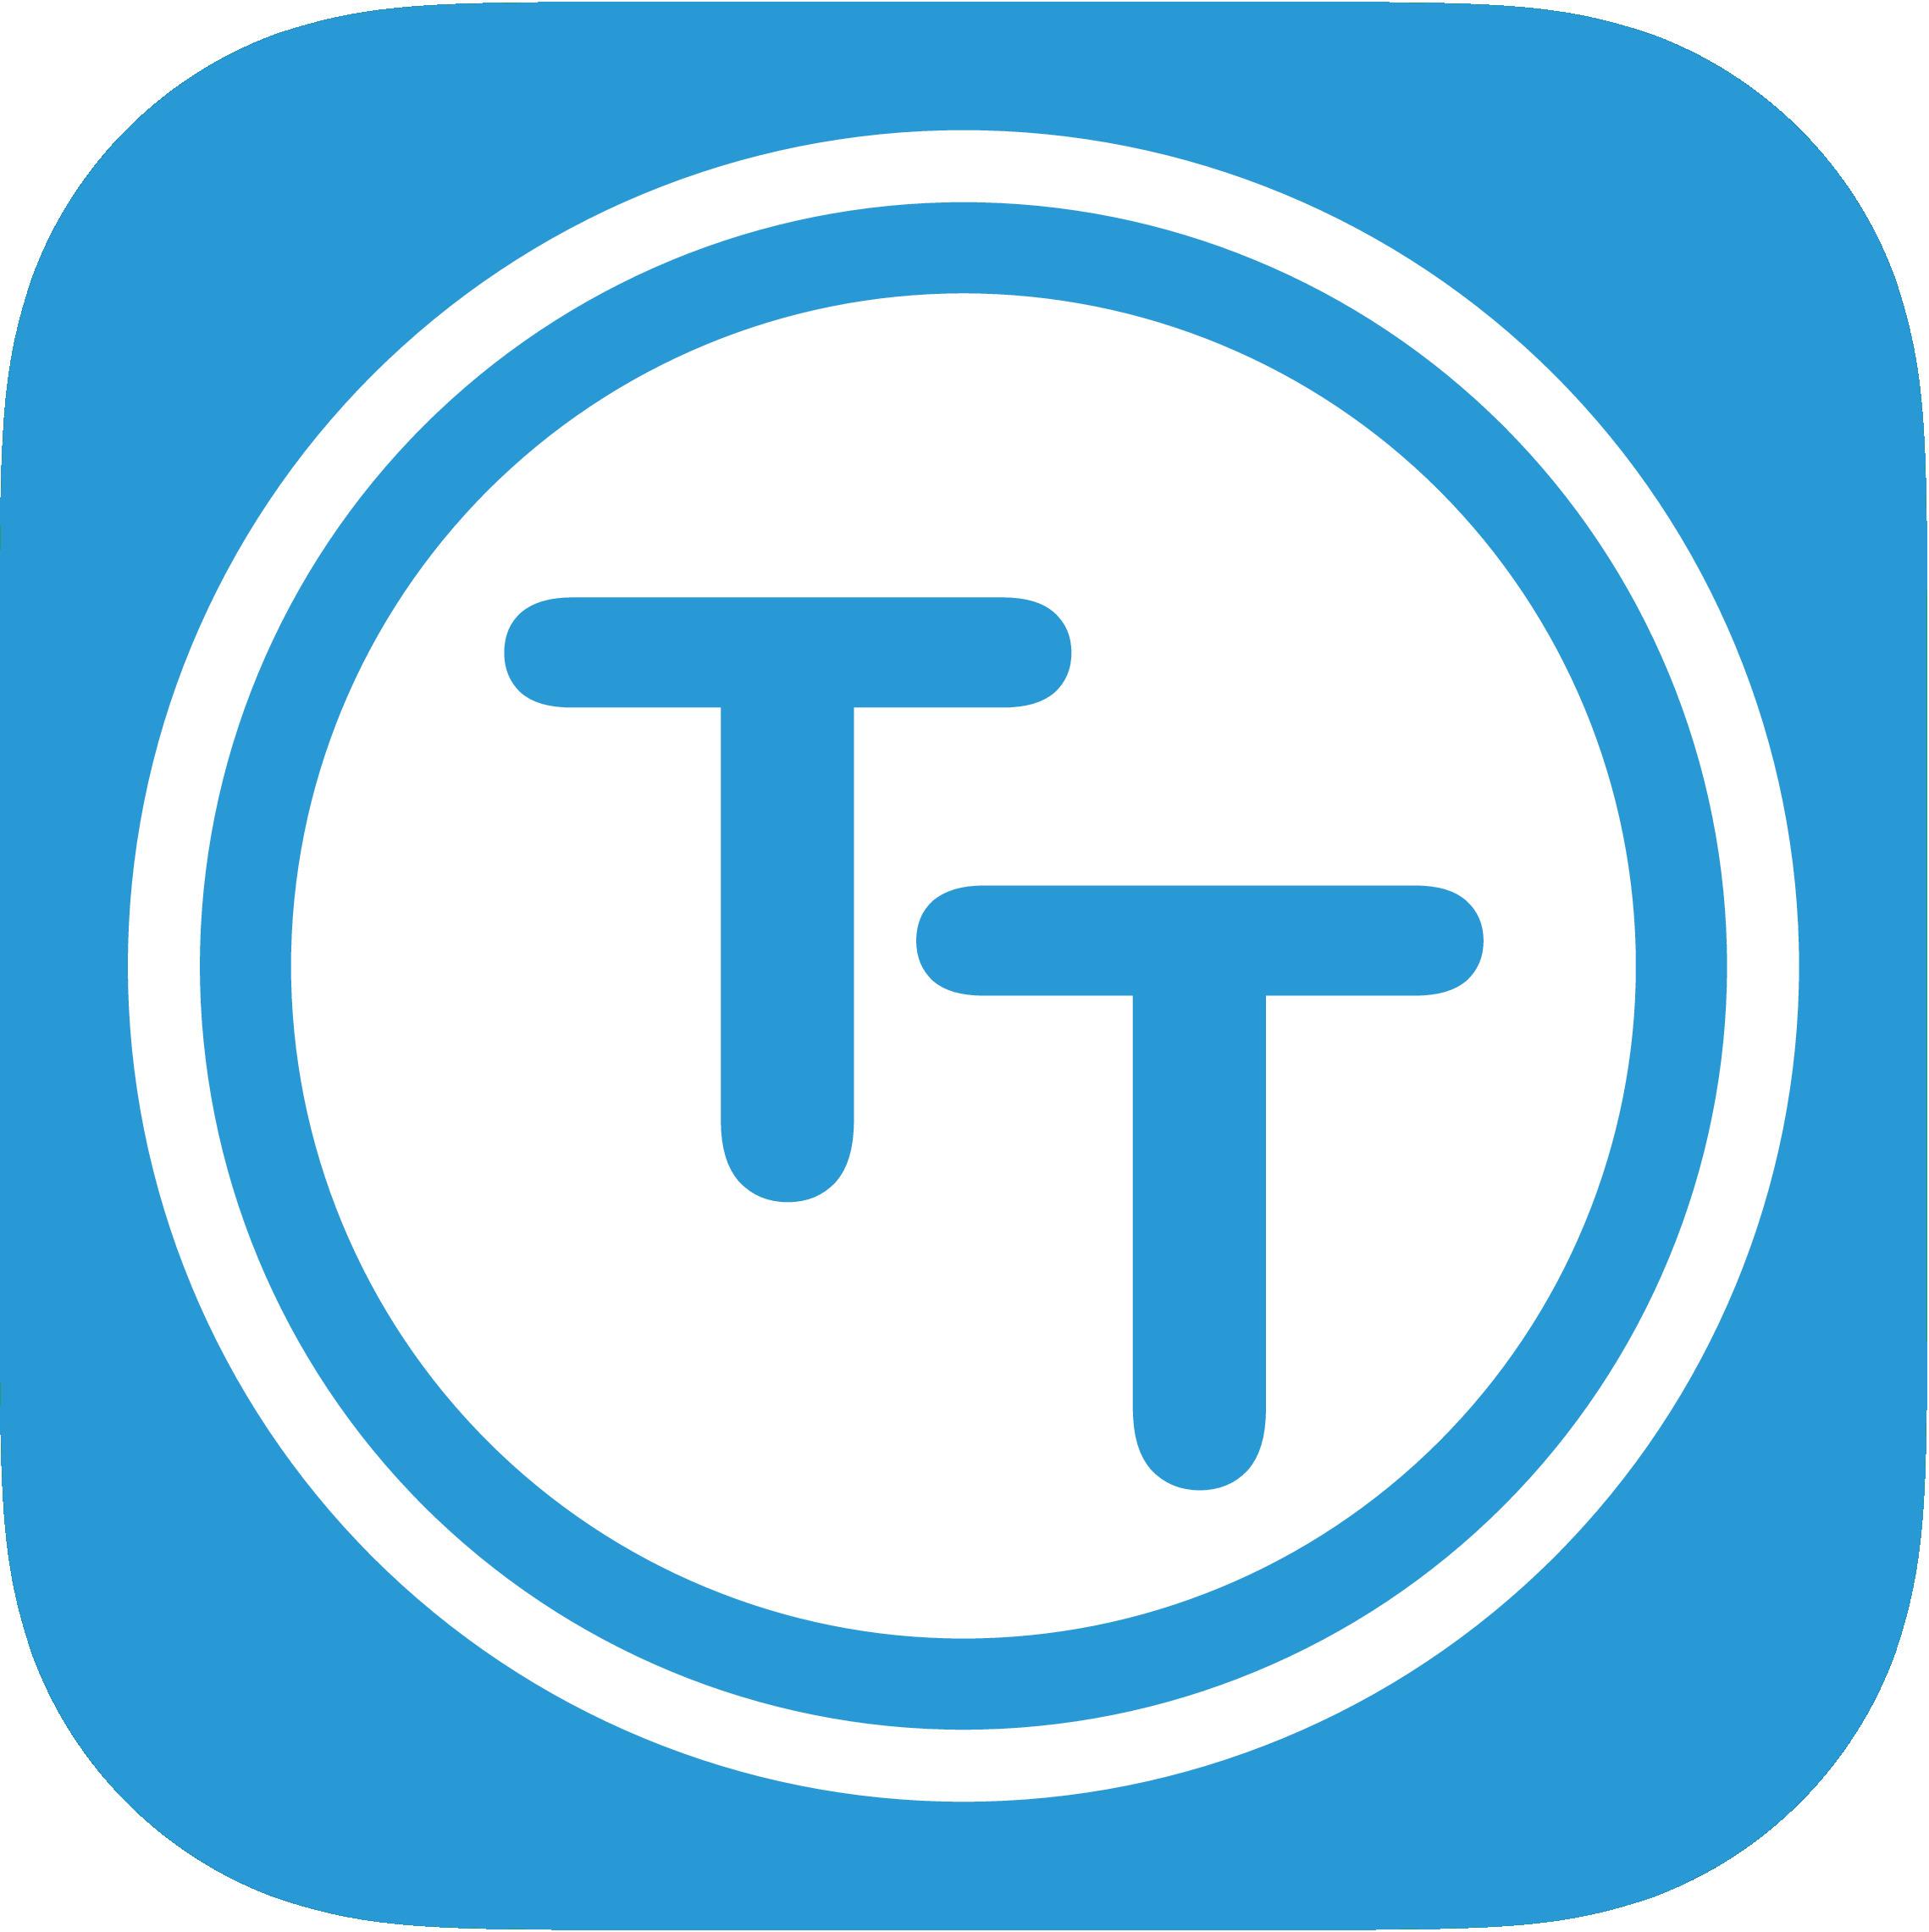 tokentransit_app_logo1